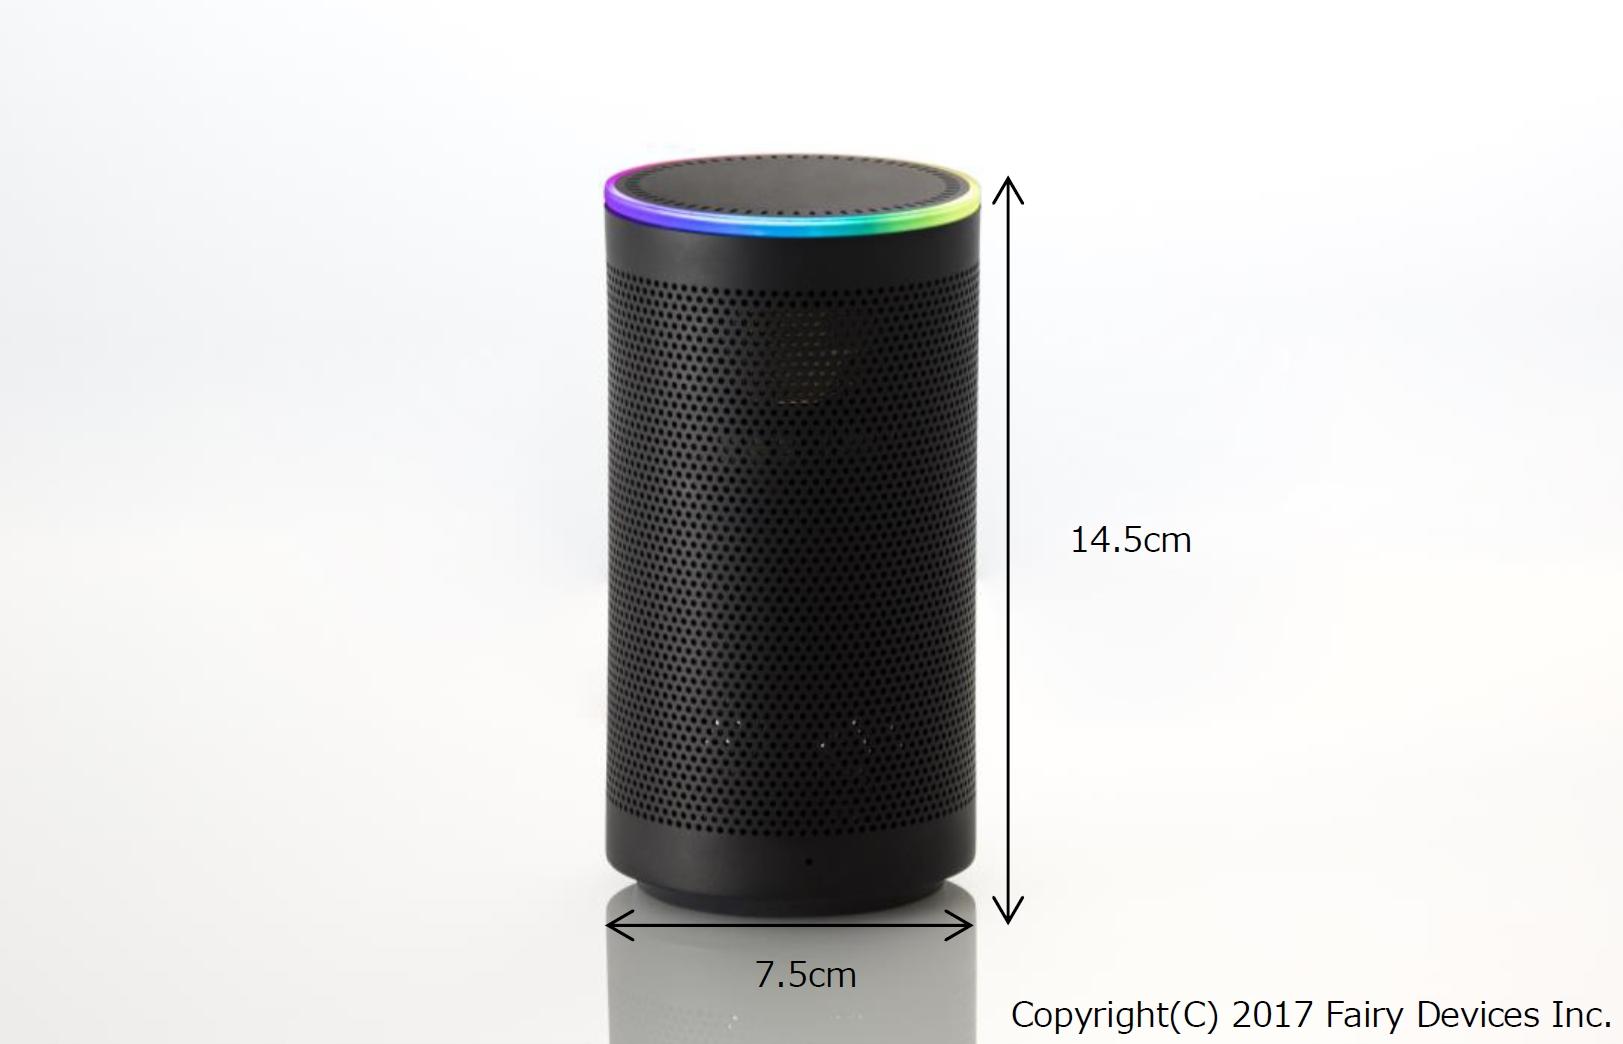 エーアイとTIS、人工知能搭載のスマートスピーカー 「AISonar」を活用した共同実証実験を実施 ~ 人手を介さない自動顧客対応デバイスとしての 新しいコミュニケーションツールを目指す ~